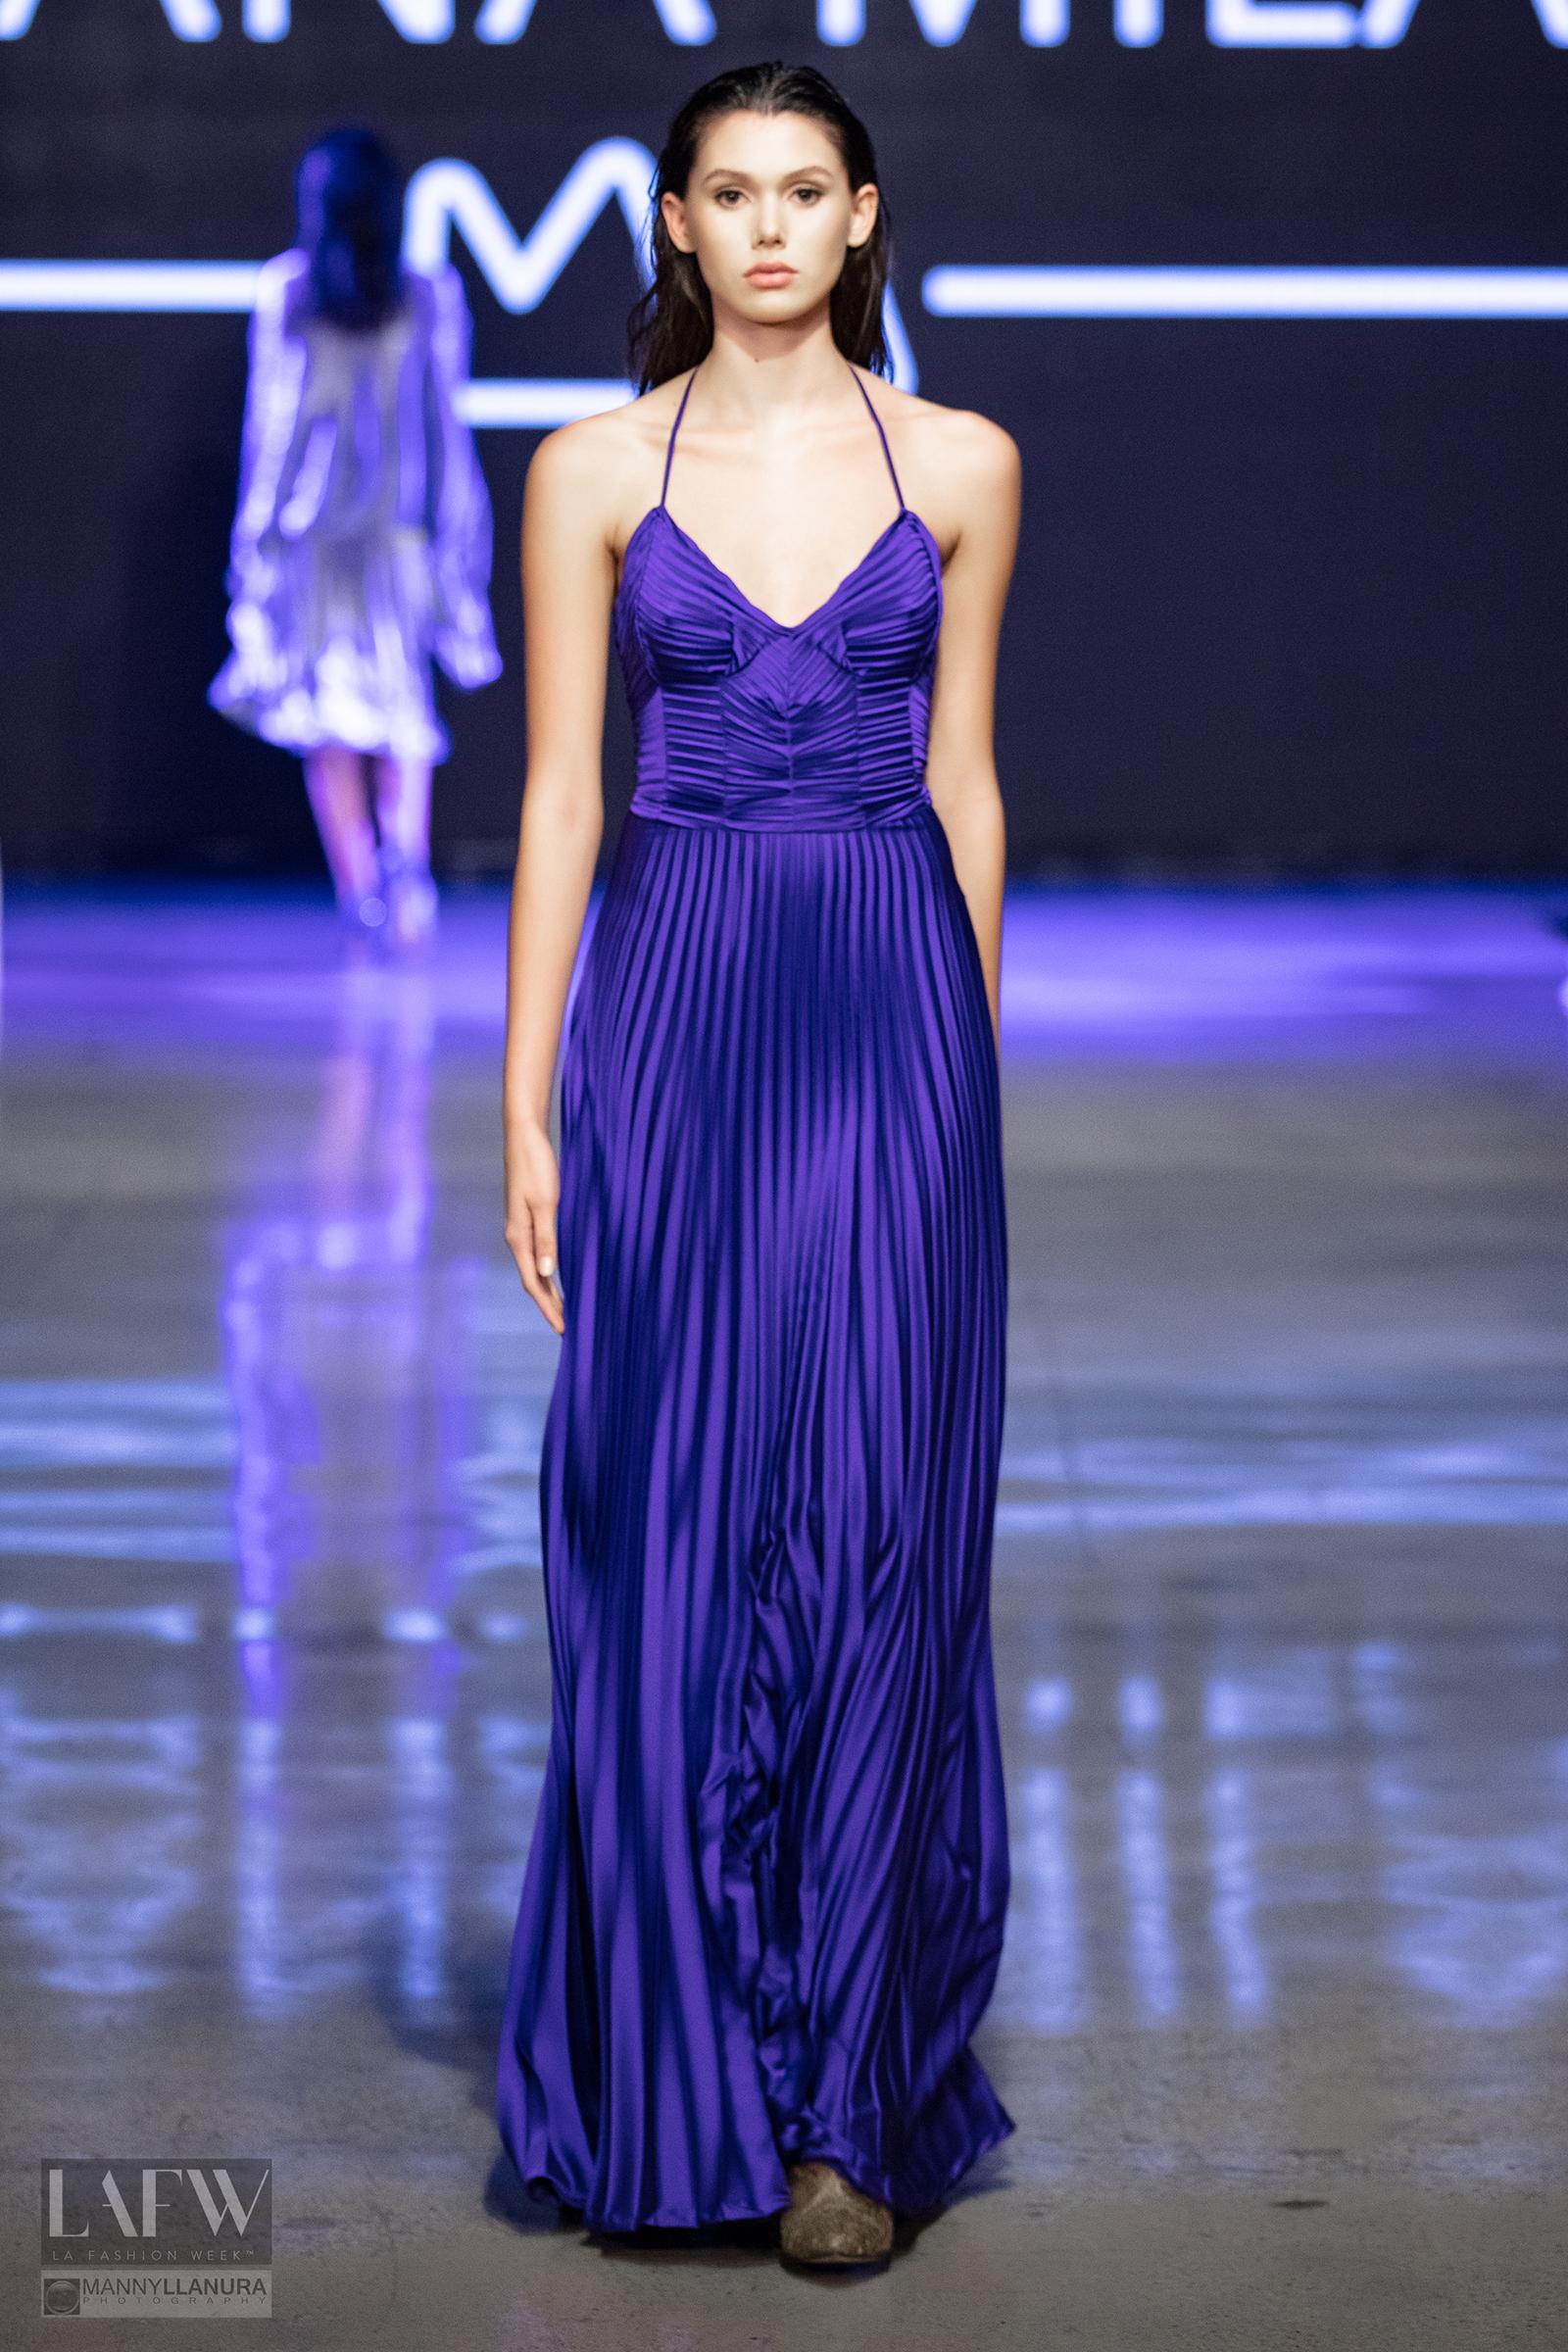 Designed by Fabiana Milazzo